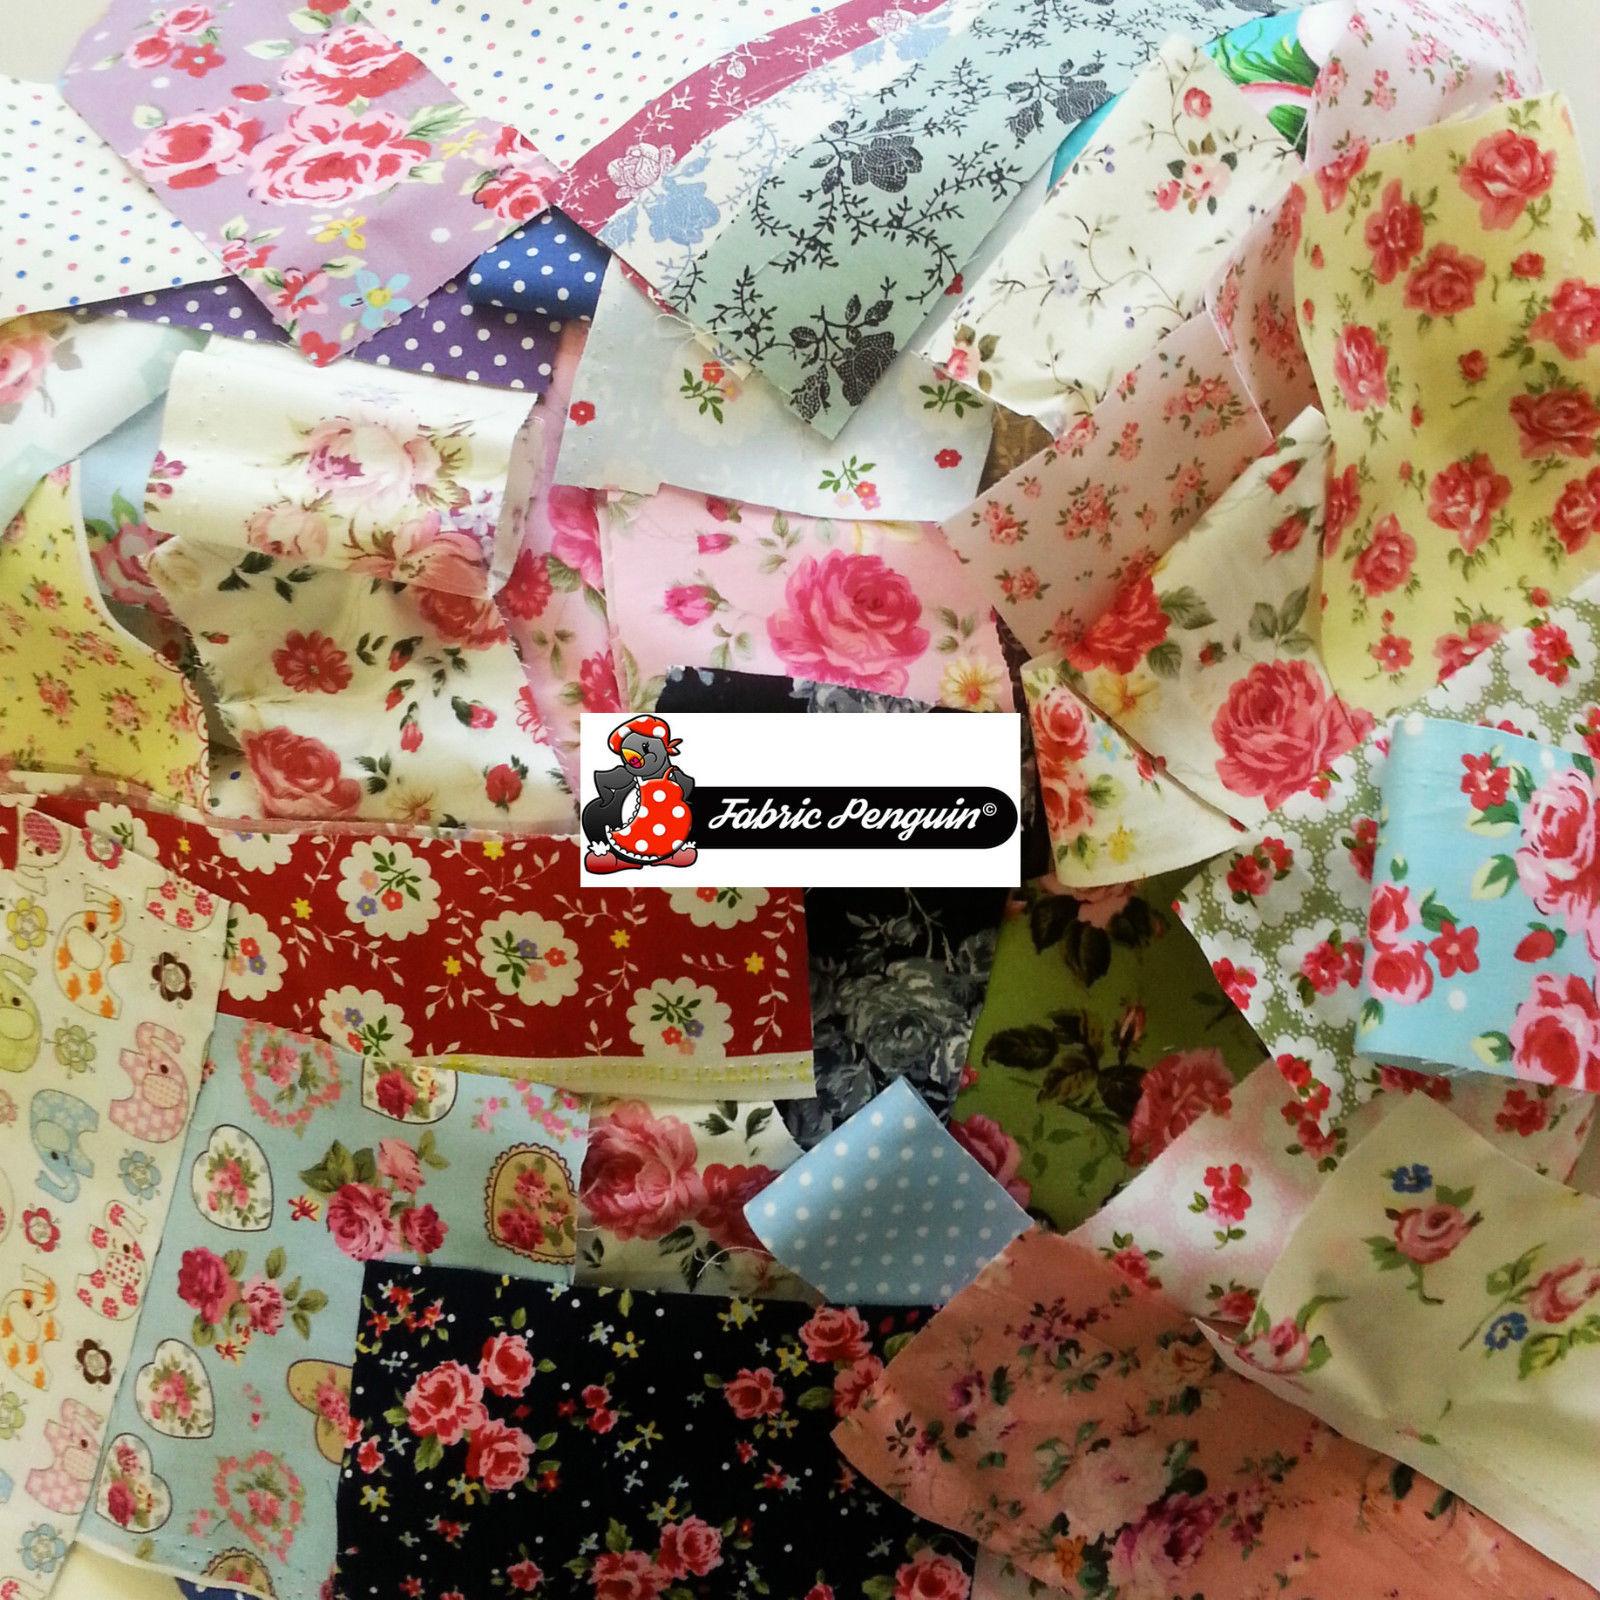 Fabric SCRAPS-VALUE PACK Floral Vintage Bundle Offcut Mixed Remnants Cotton Poly